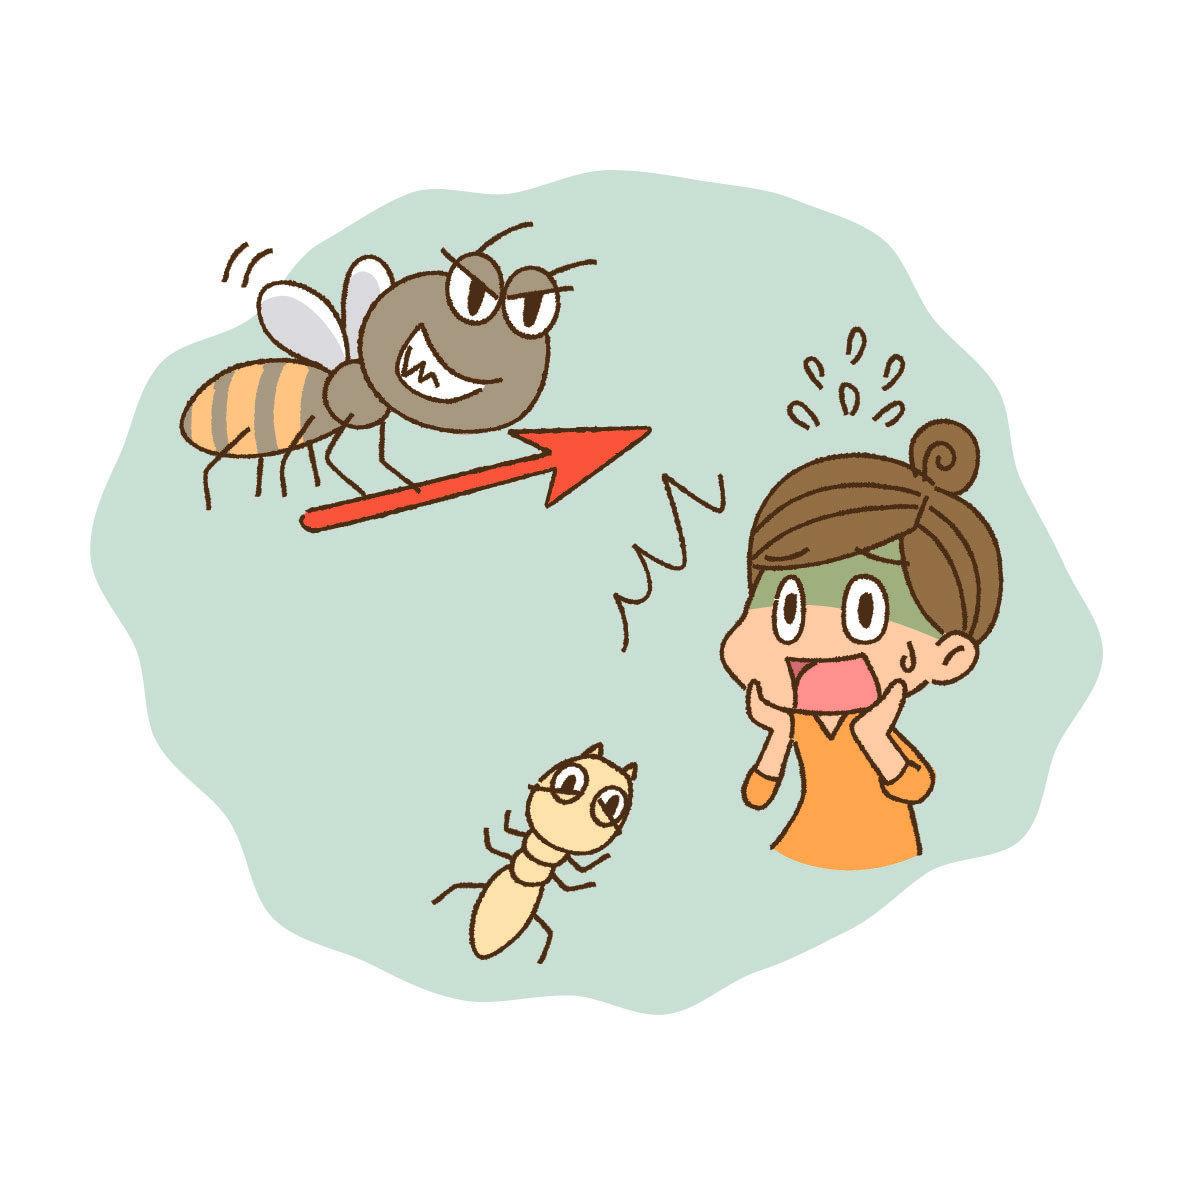 乾木白蟻並不是台灣常見的害蟲種類,那牠們究竟是藉由什麼管道進到家中的呢?有可能裝潢時所用的木頭就已經受到汙染,使用到內部有乾木白蟻的建材,或者買進的家具有問題,早已被跟木白蟻進駐。